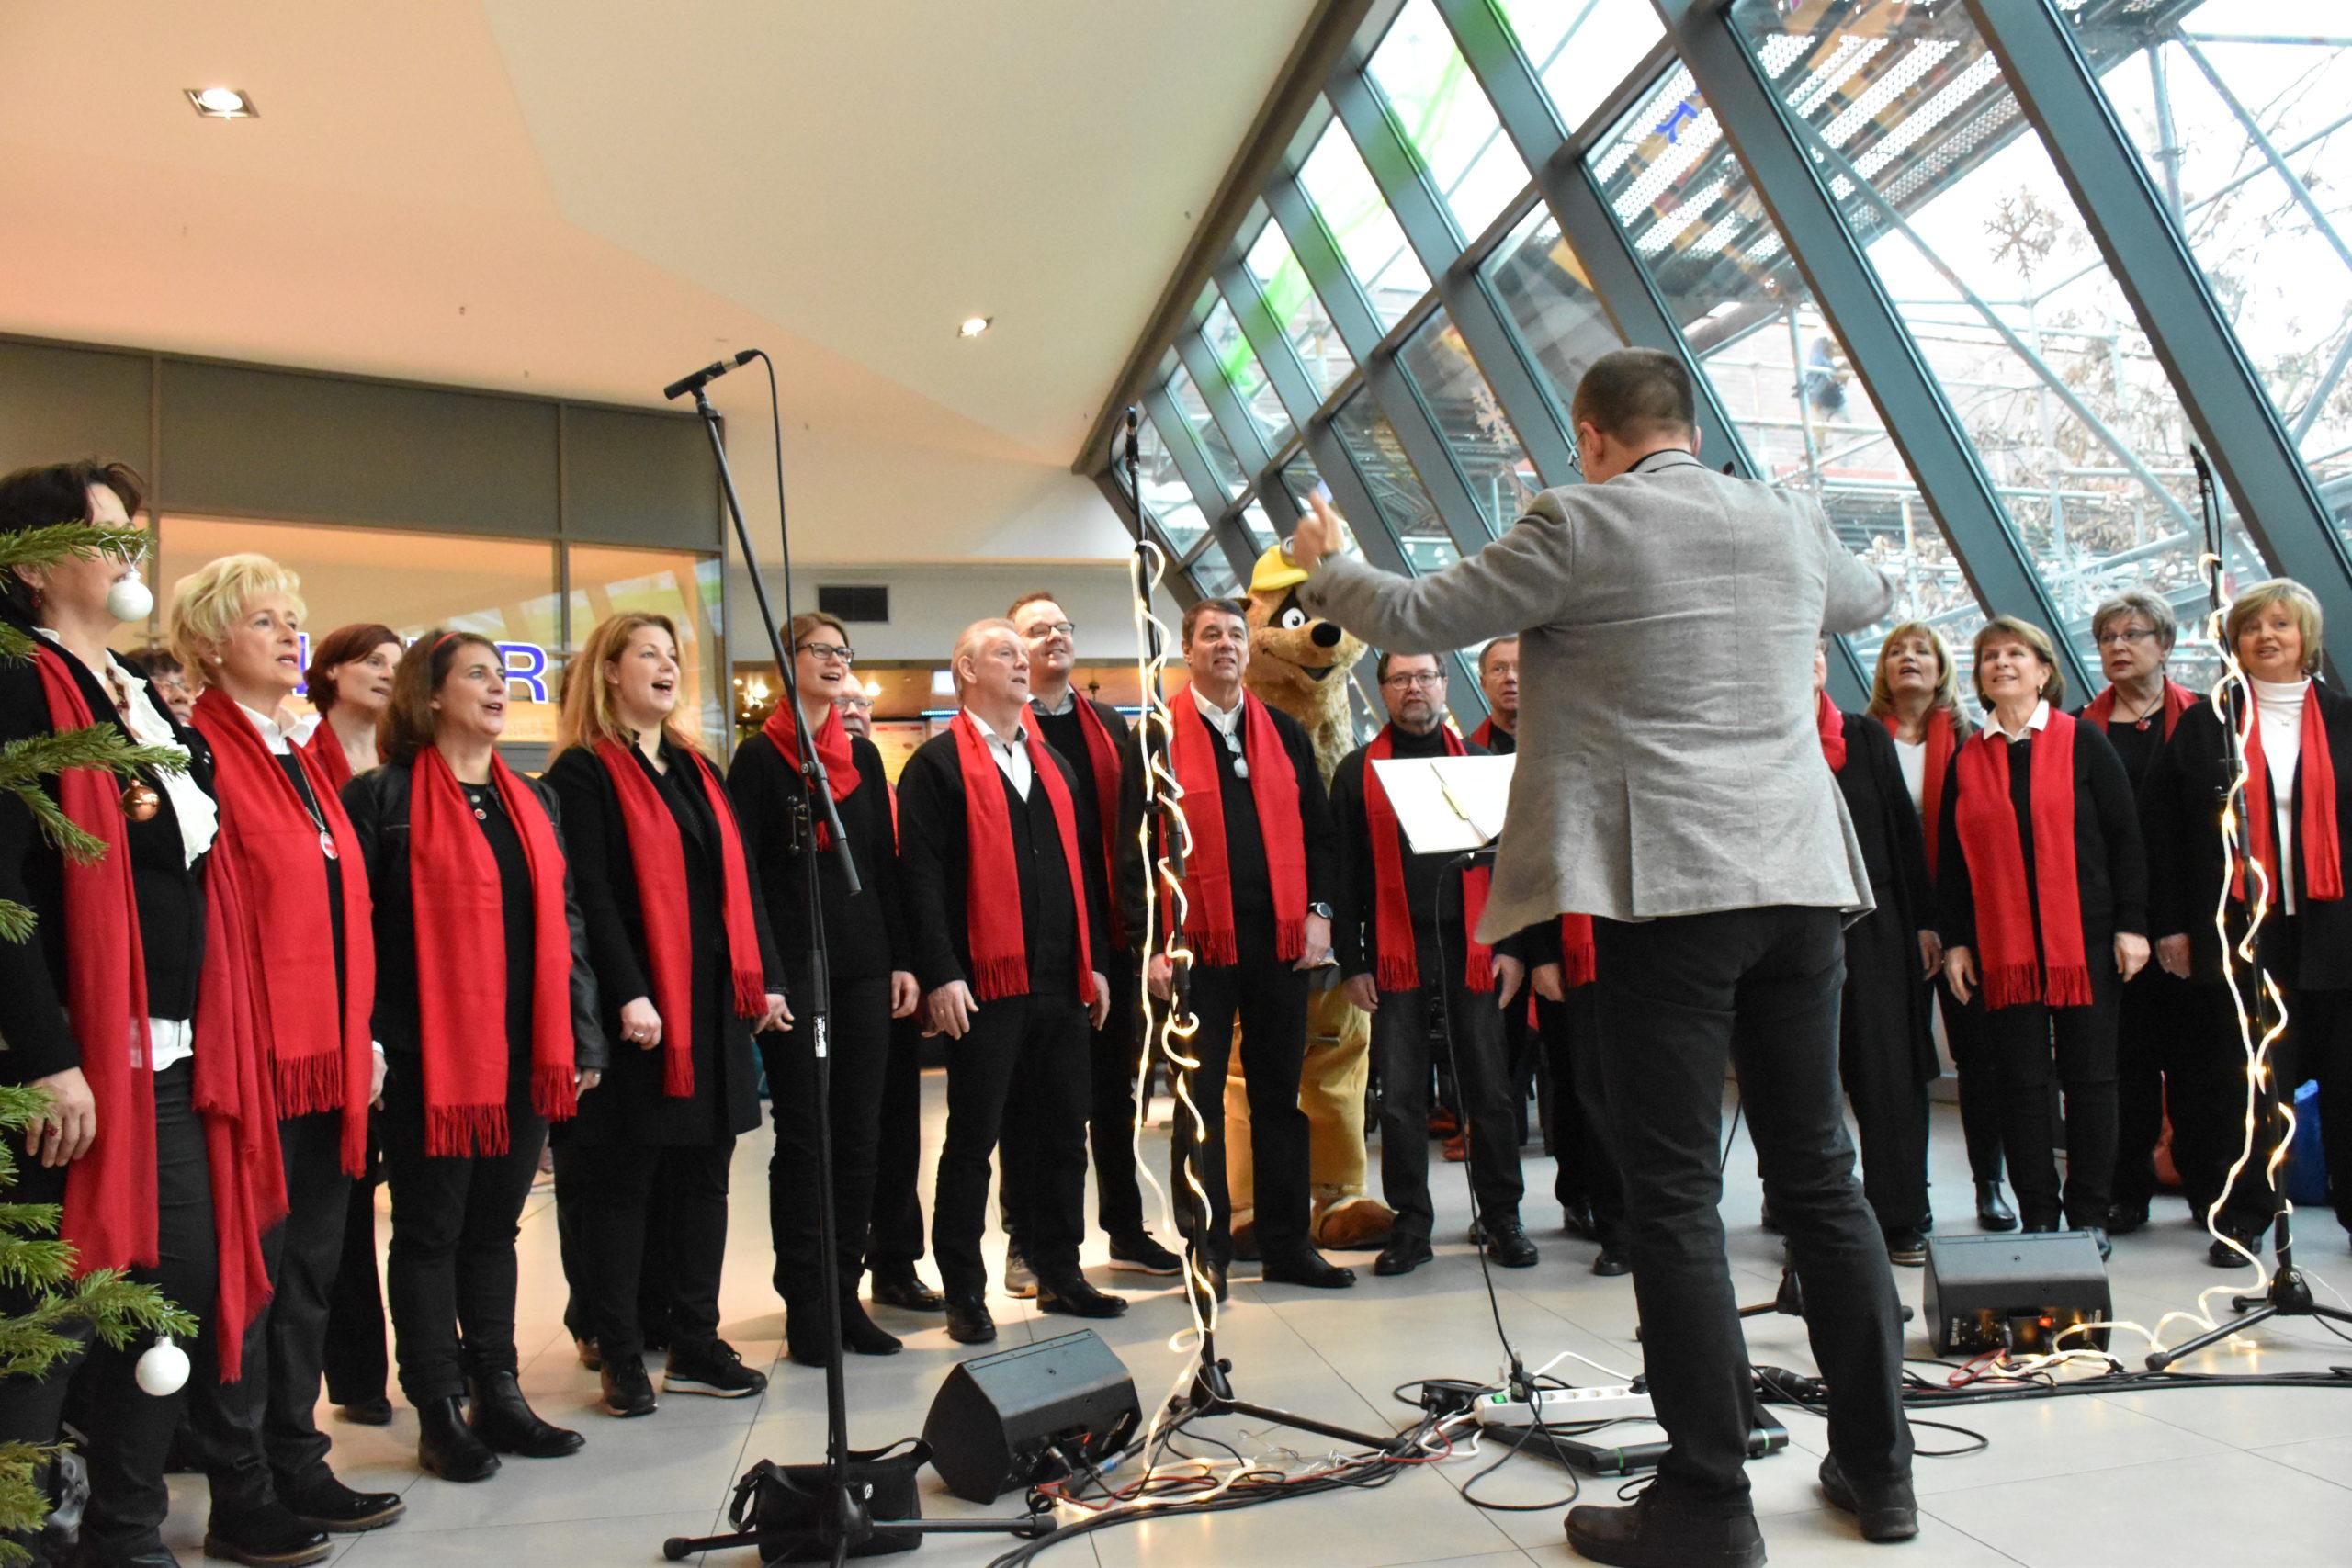 Die Florian Singers beim Weihnachtskonzert in Kamp-Lintfort. Bild: Imma Schmidt